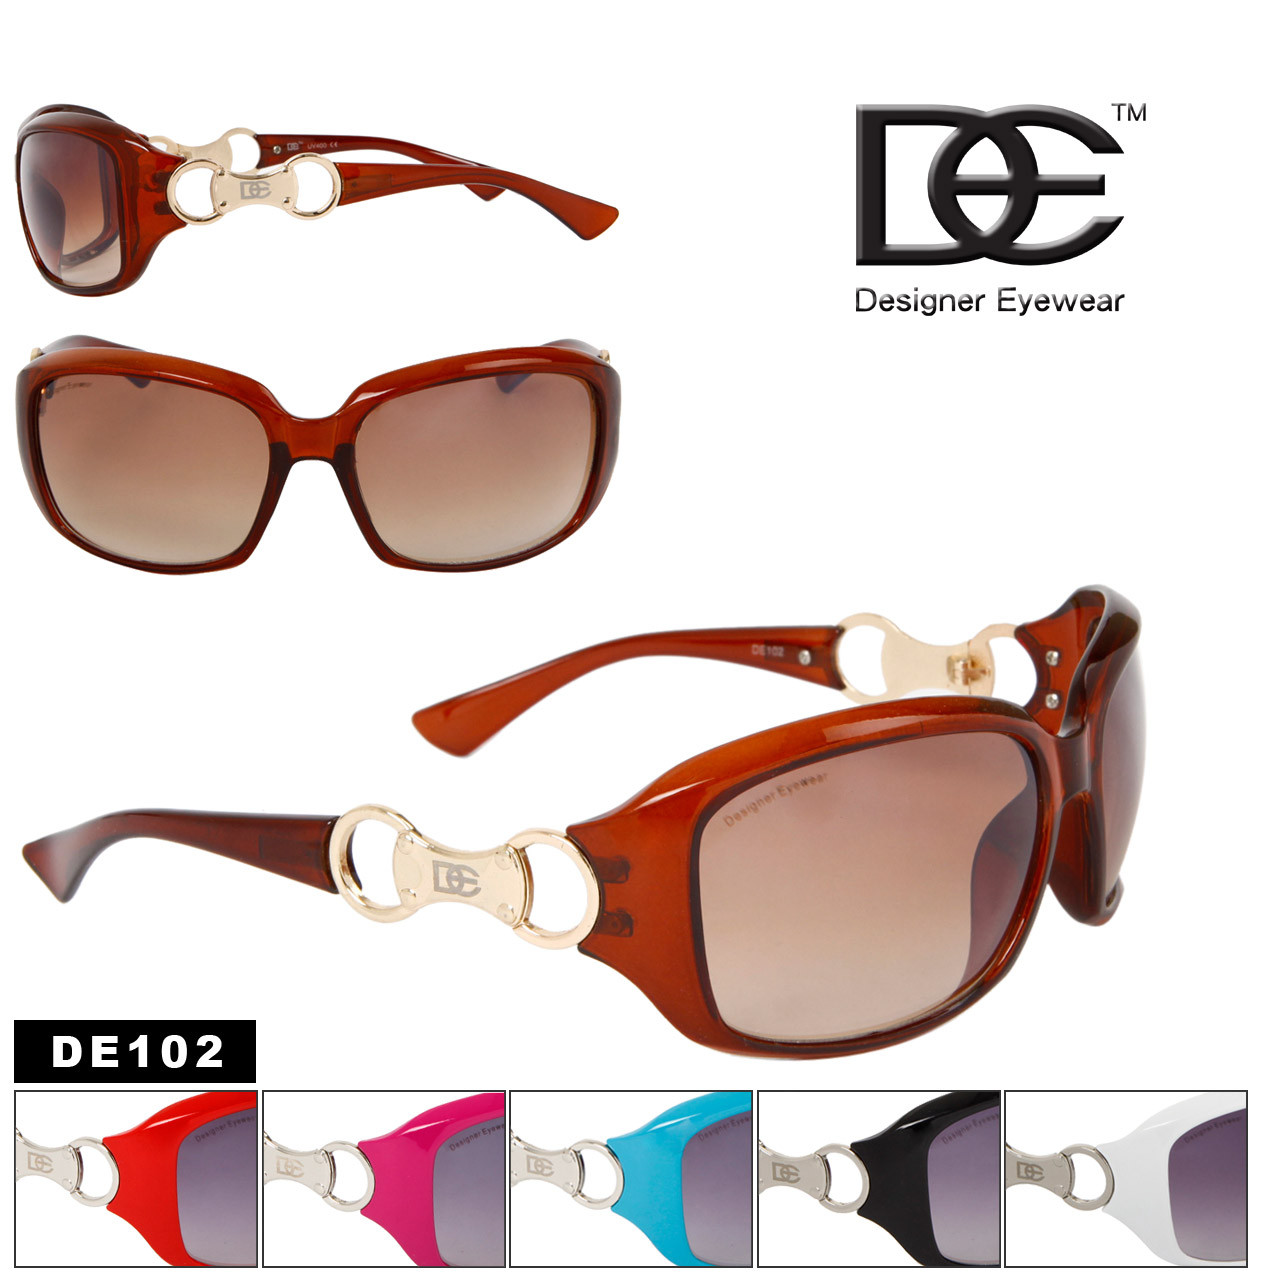 DE102 Women's Wholesale Fashion Sunglasses